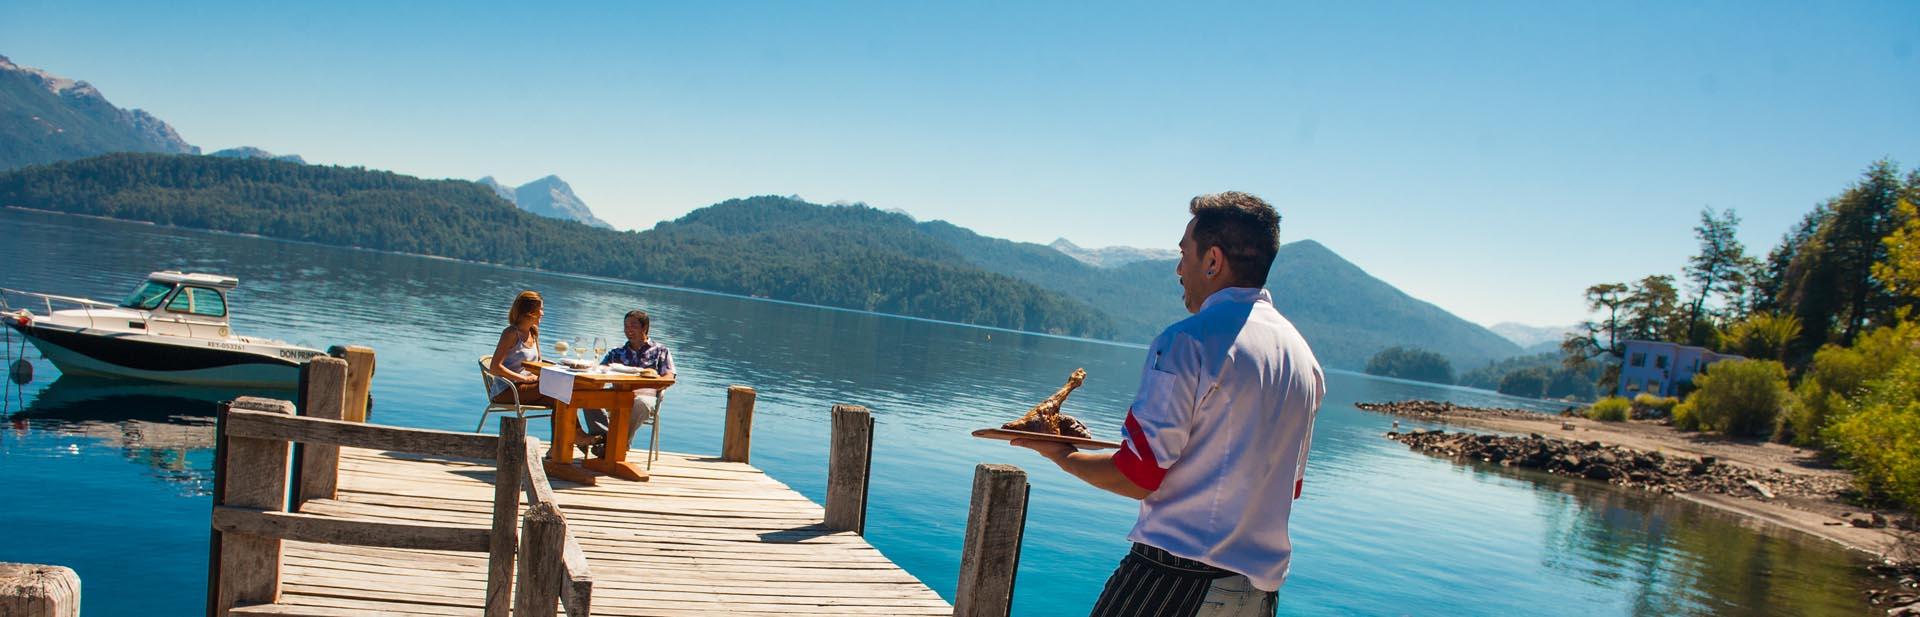 El camino de los 7 lagos ofrece experiencias gourmet únicas